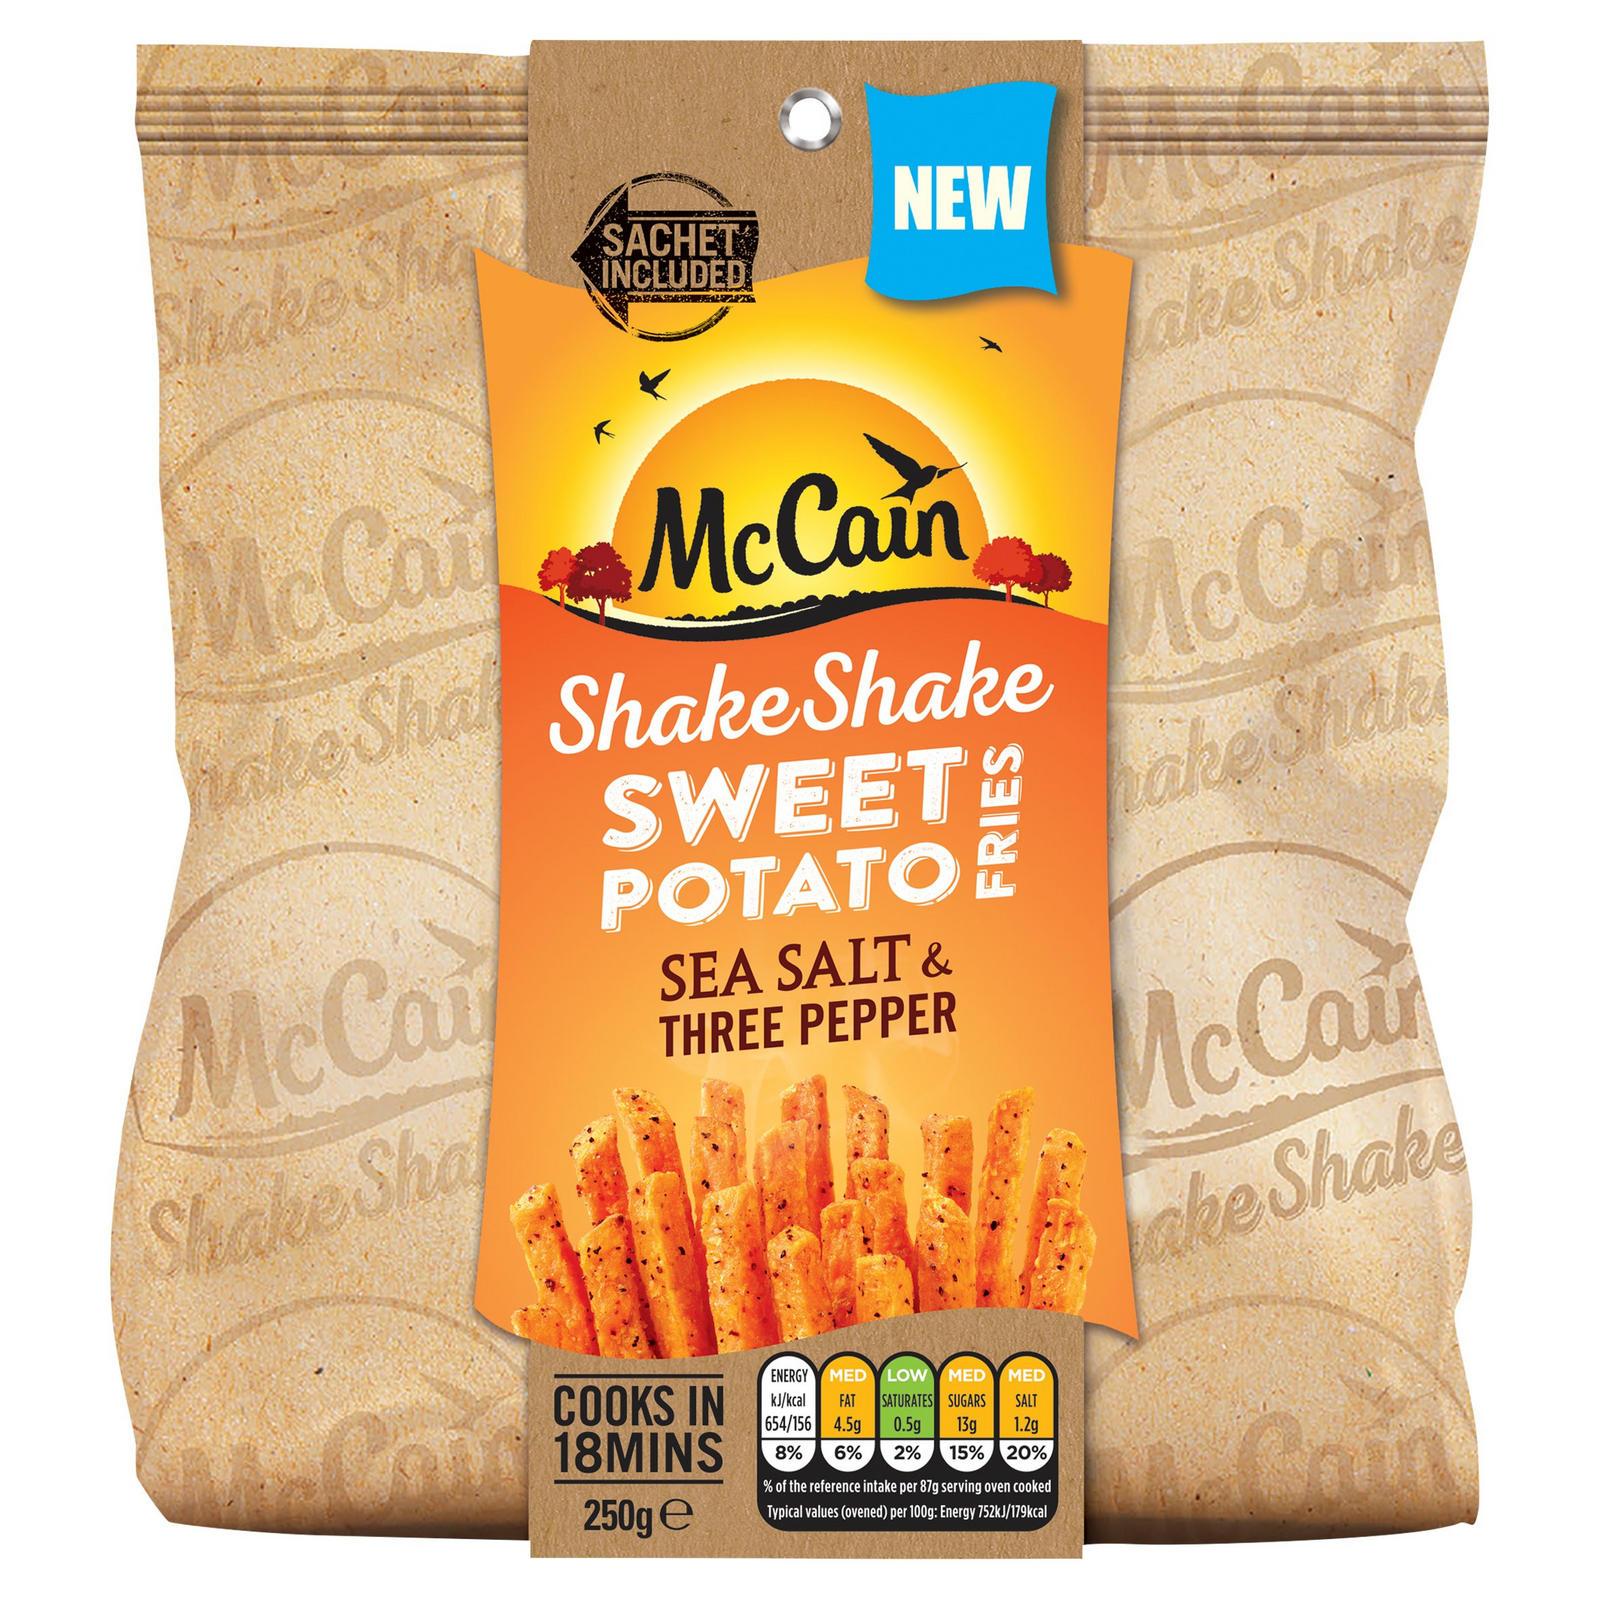 Mccain Shake Shake Sweet Potato Fries Sea Salt Three